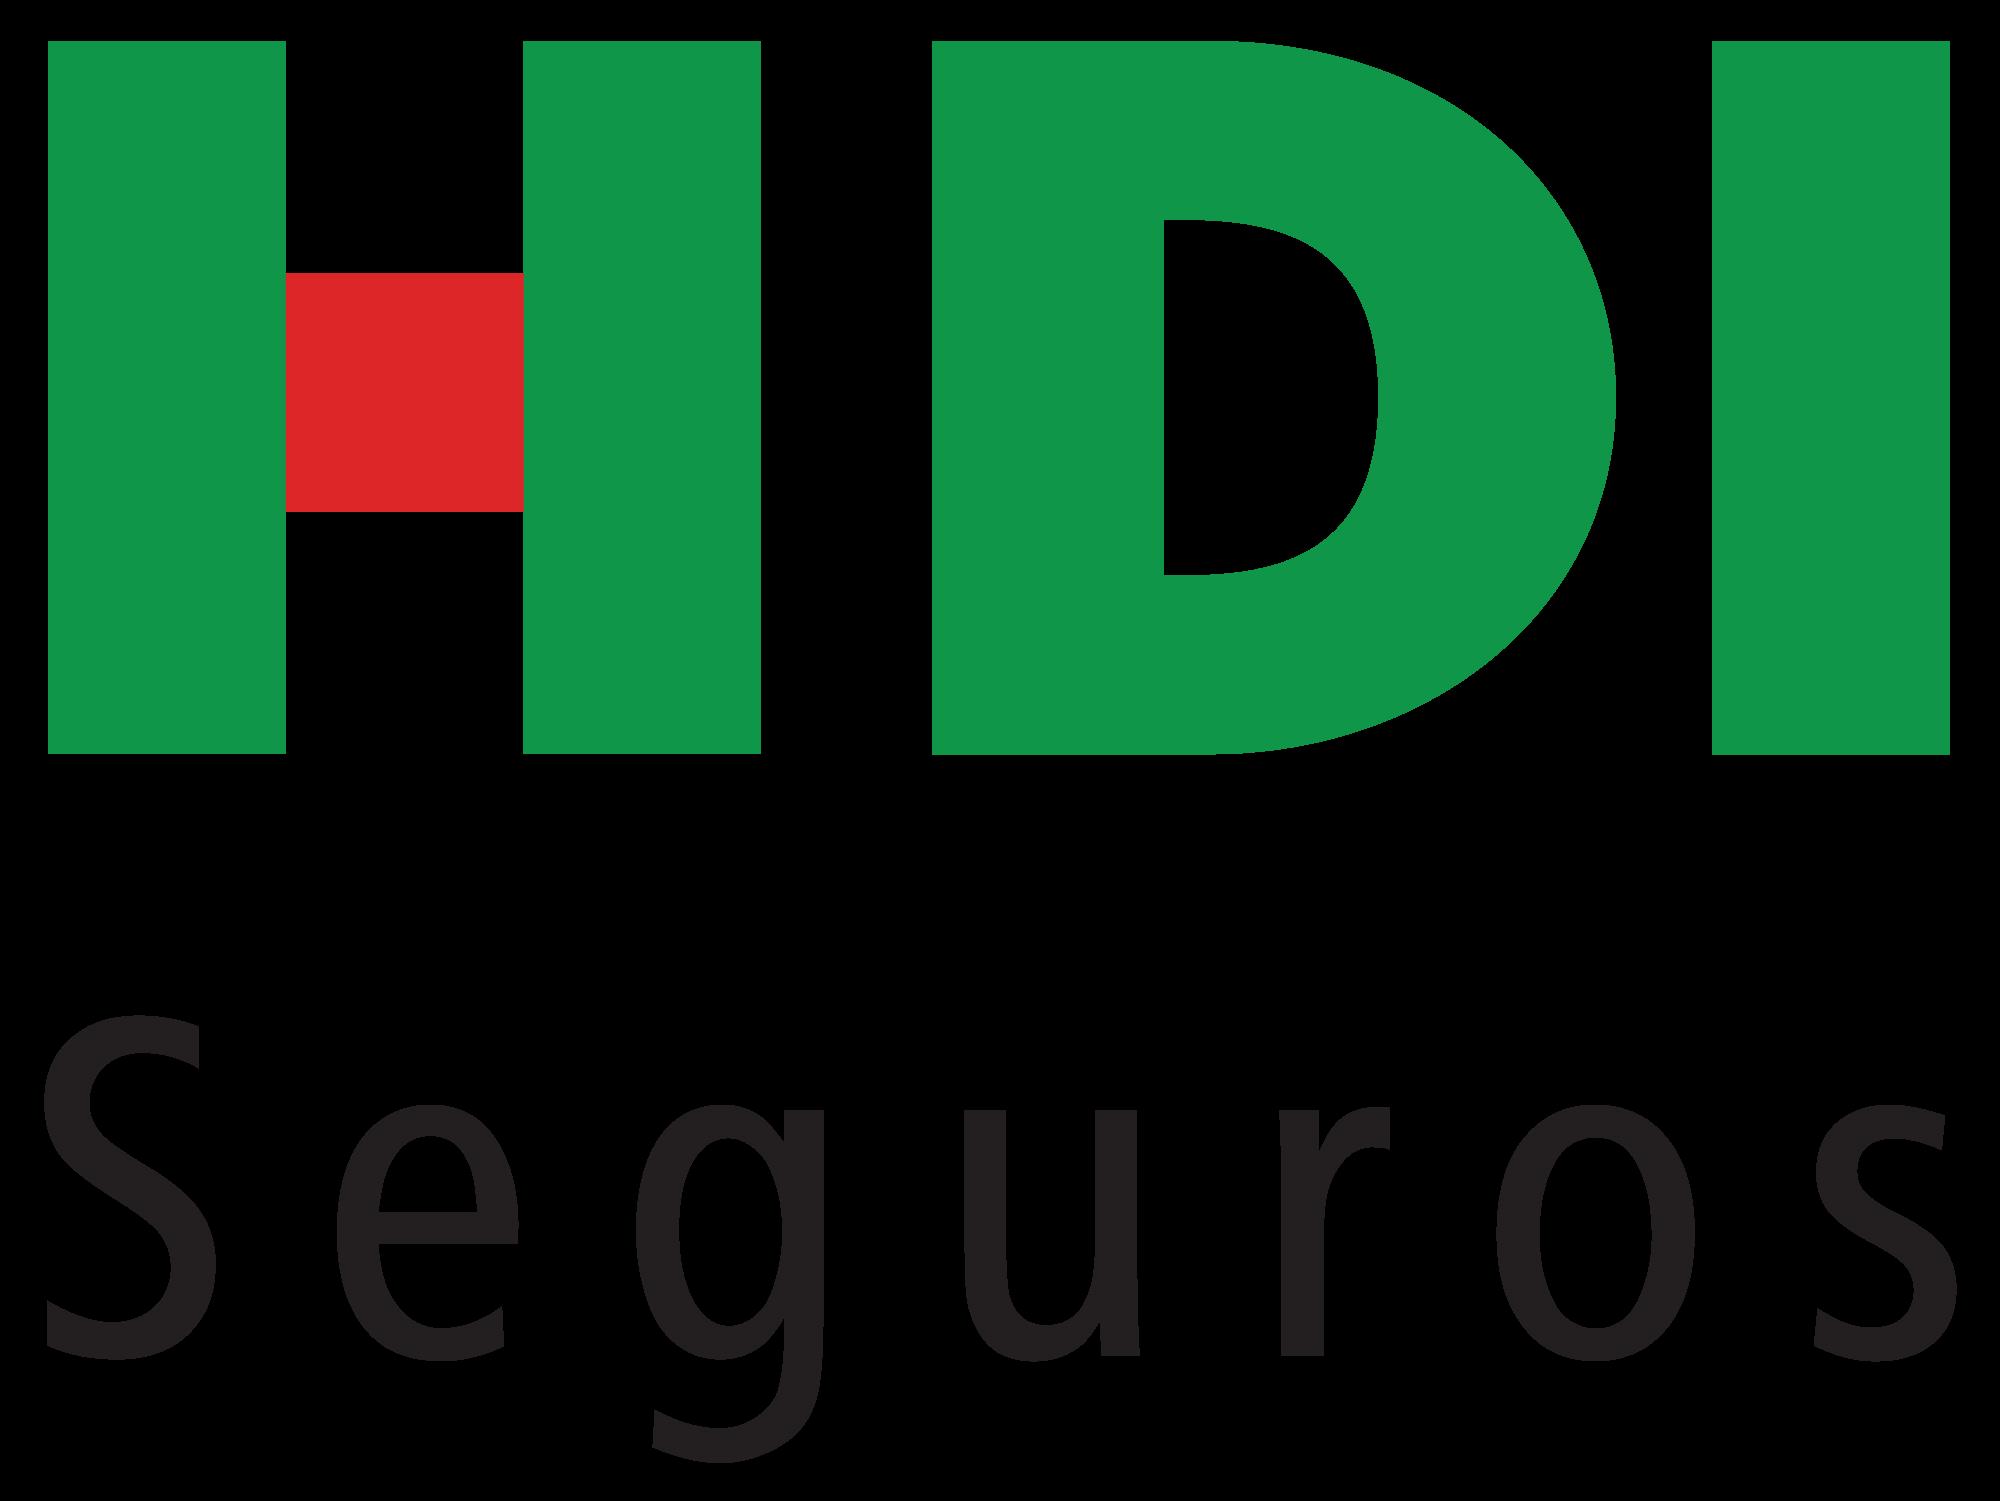 HDI_Seguros.png